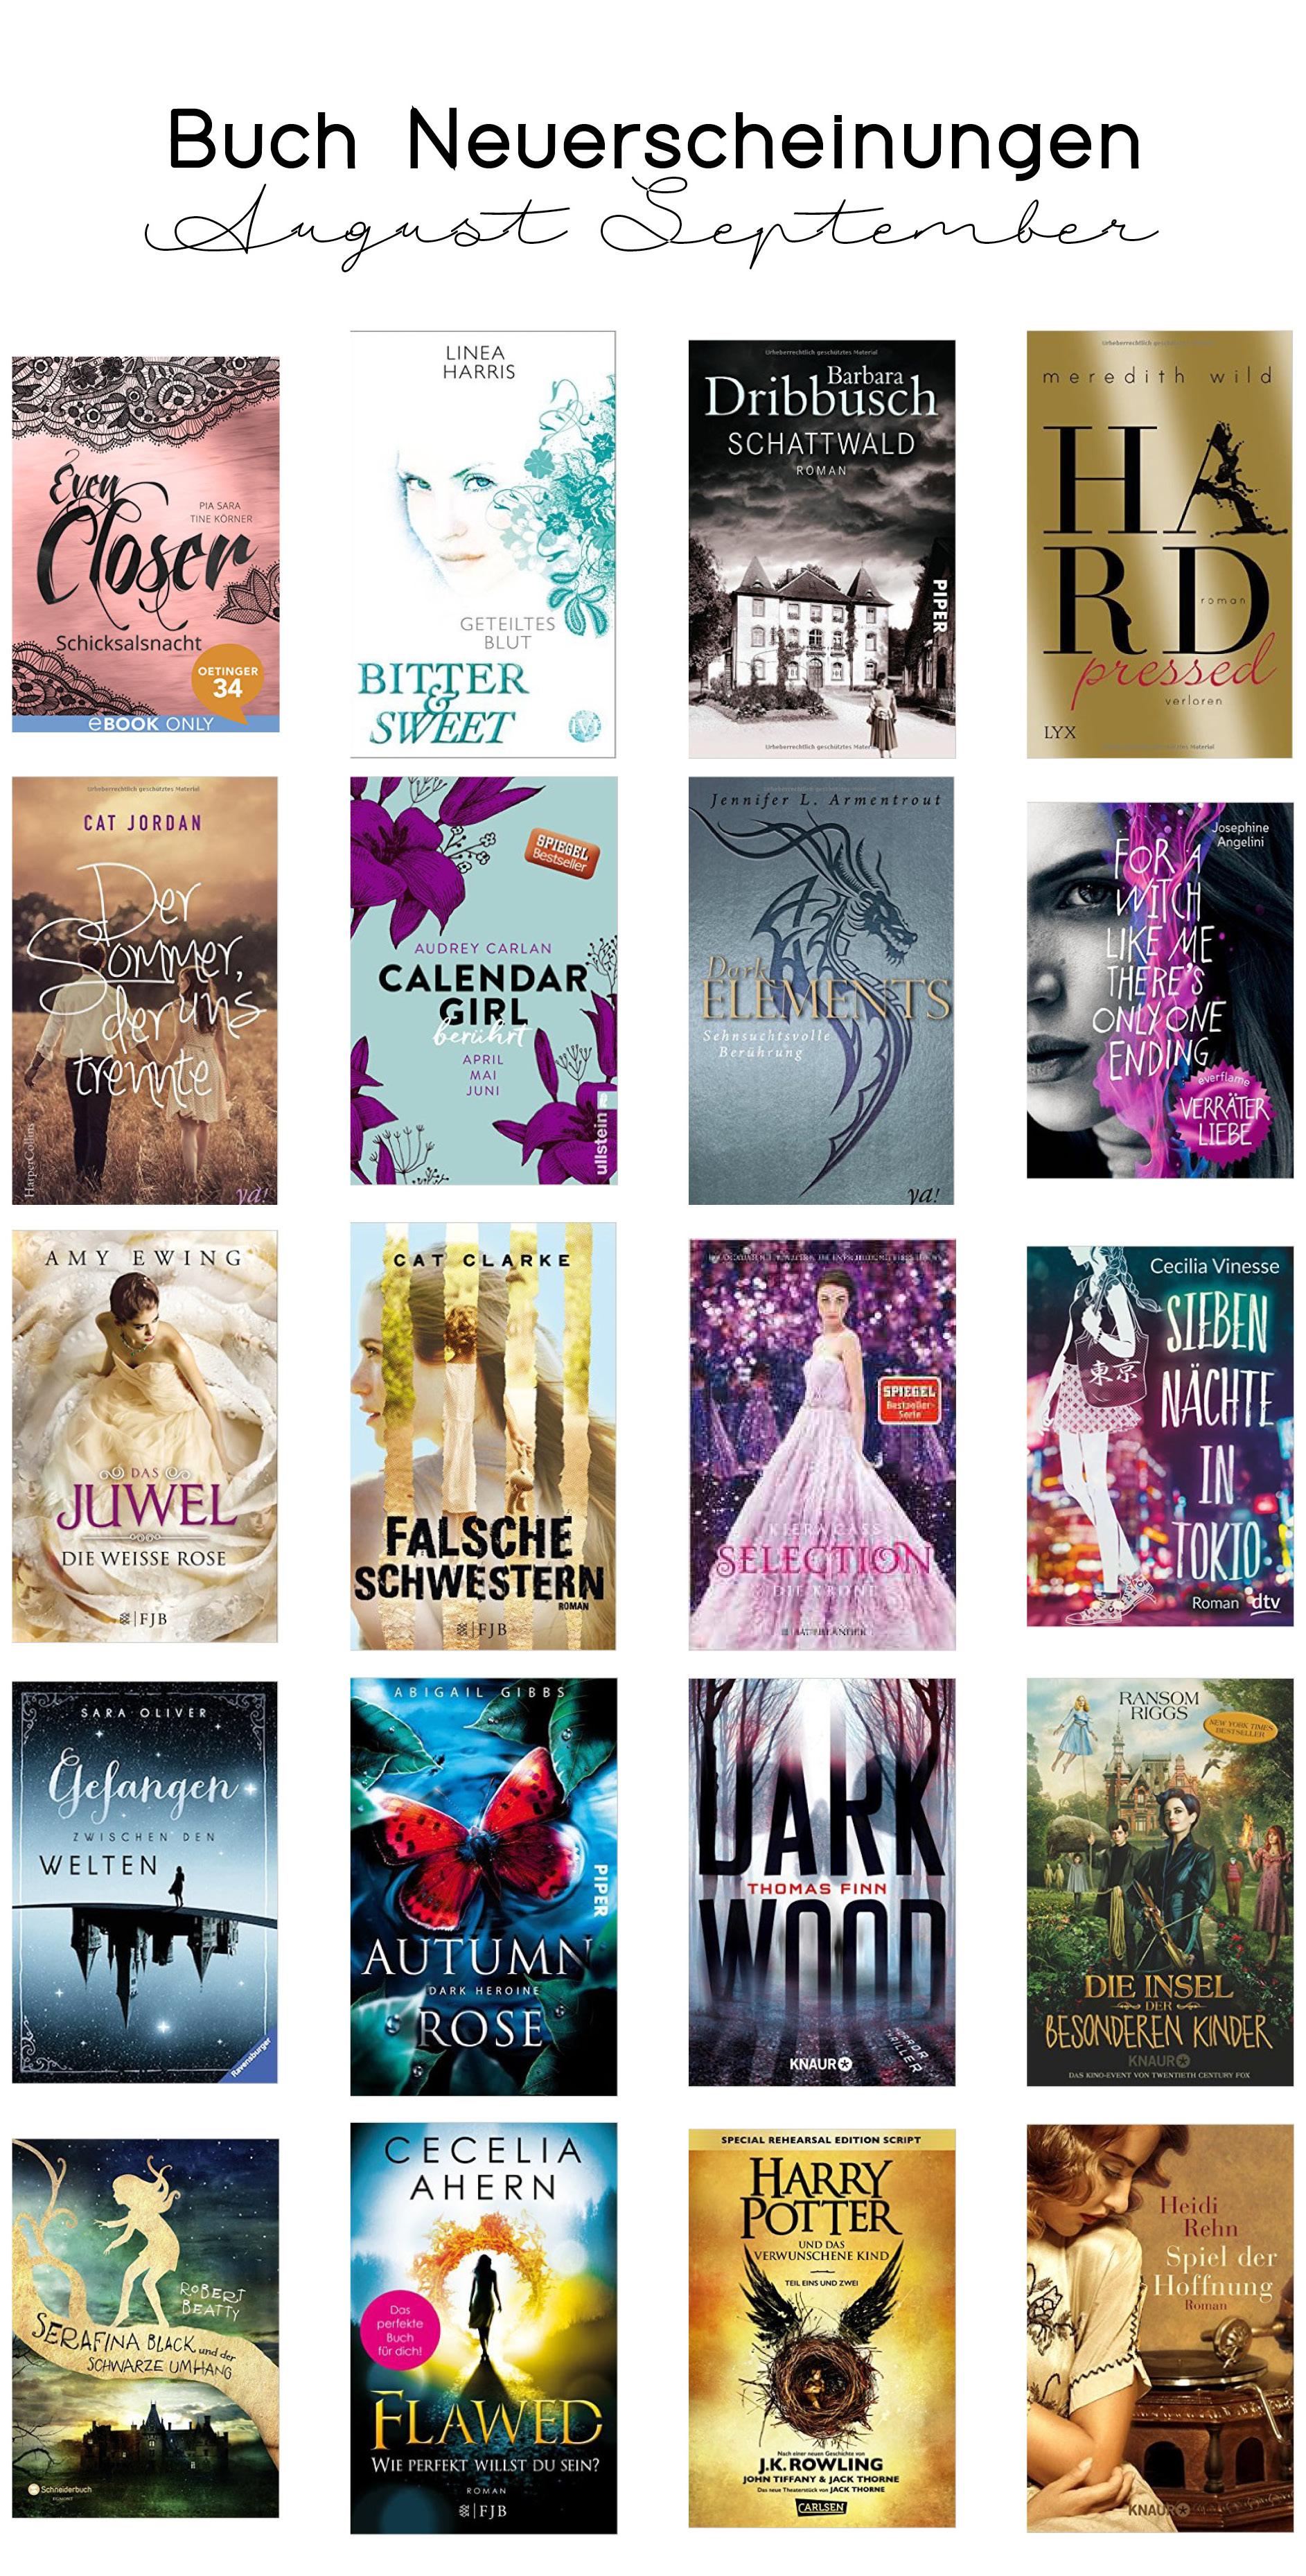 Top Buch Neuerscheinungen im August und September 2016